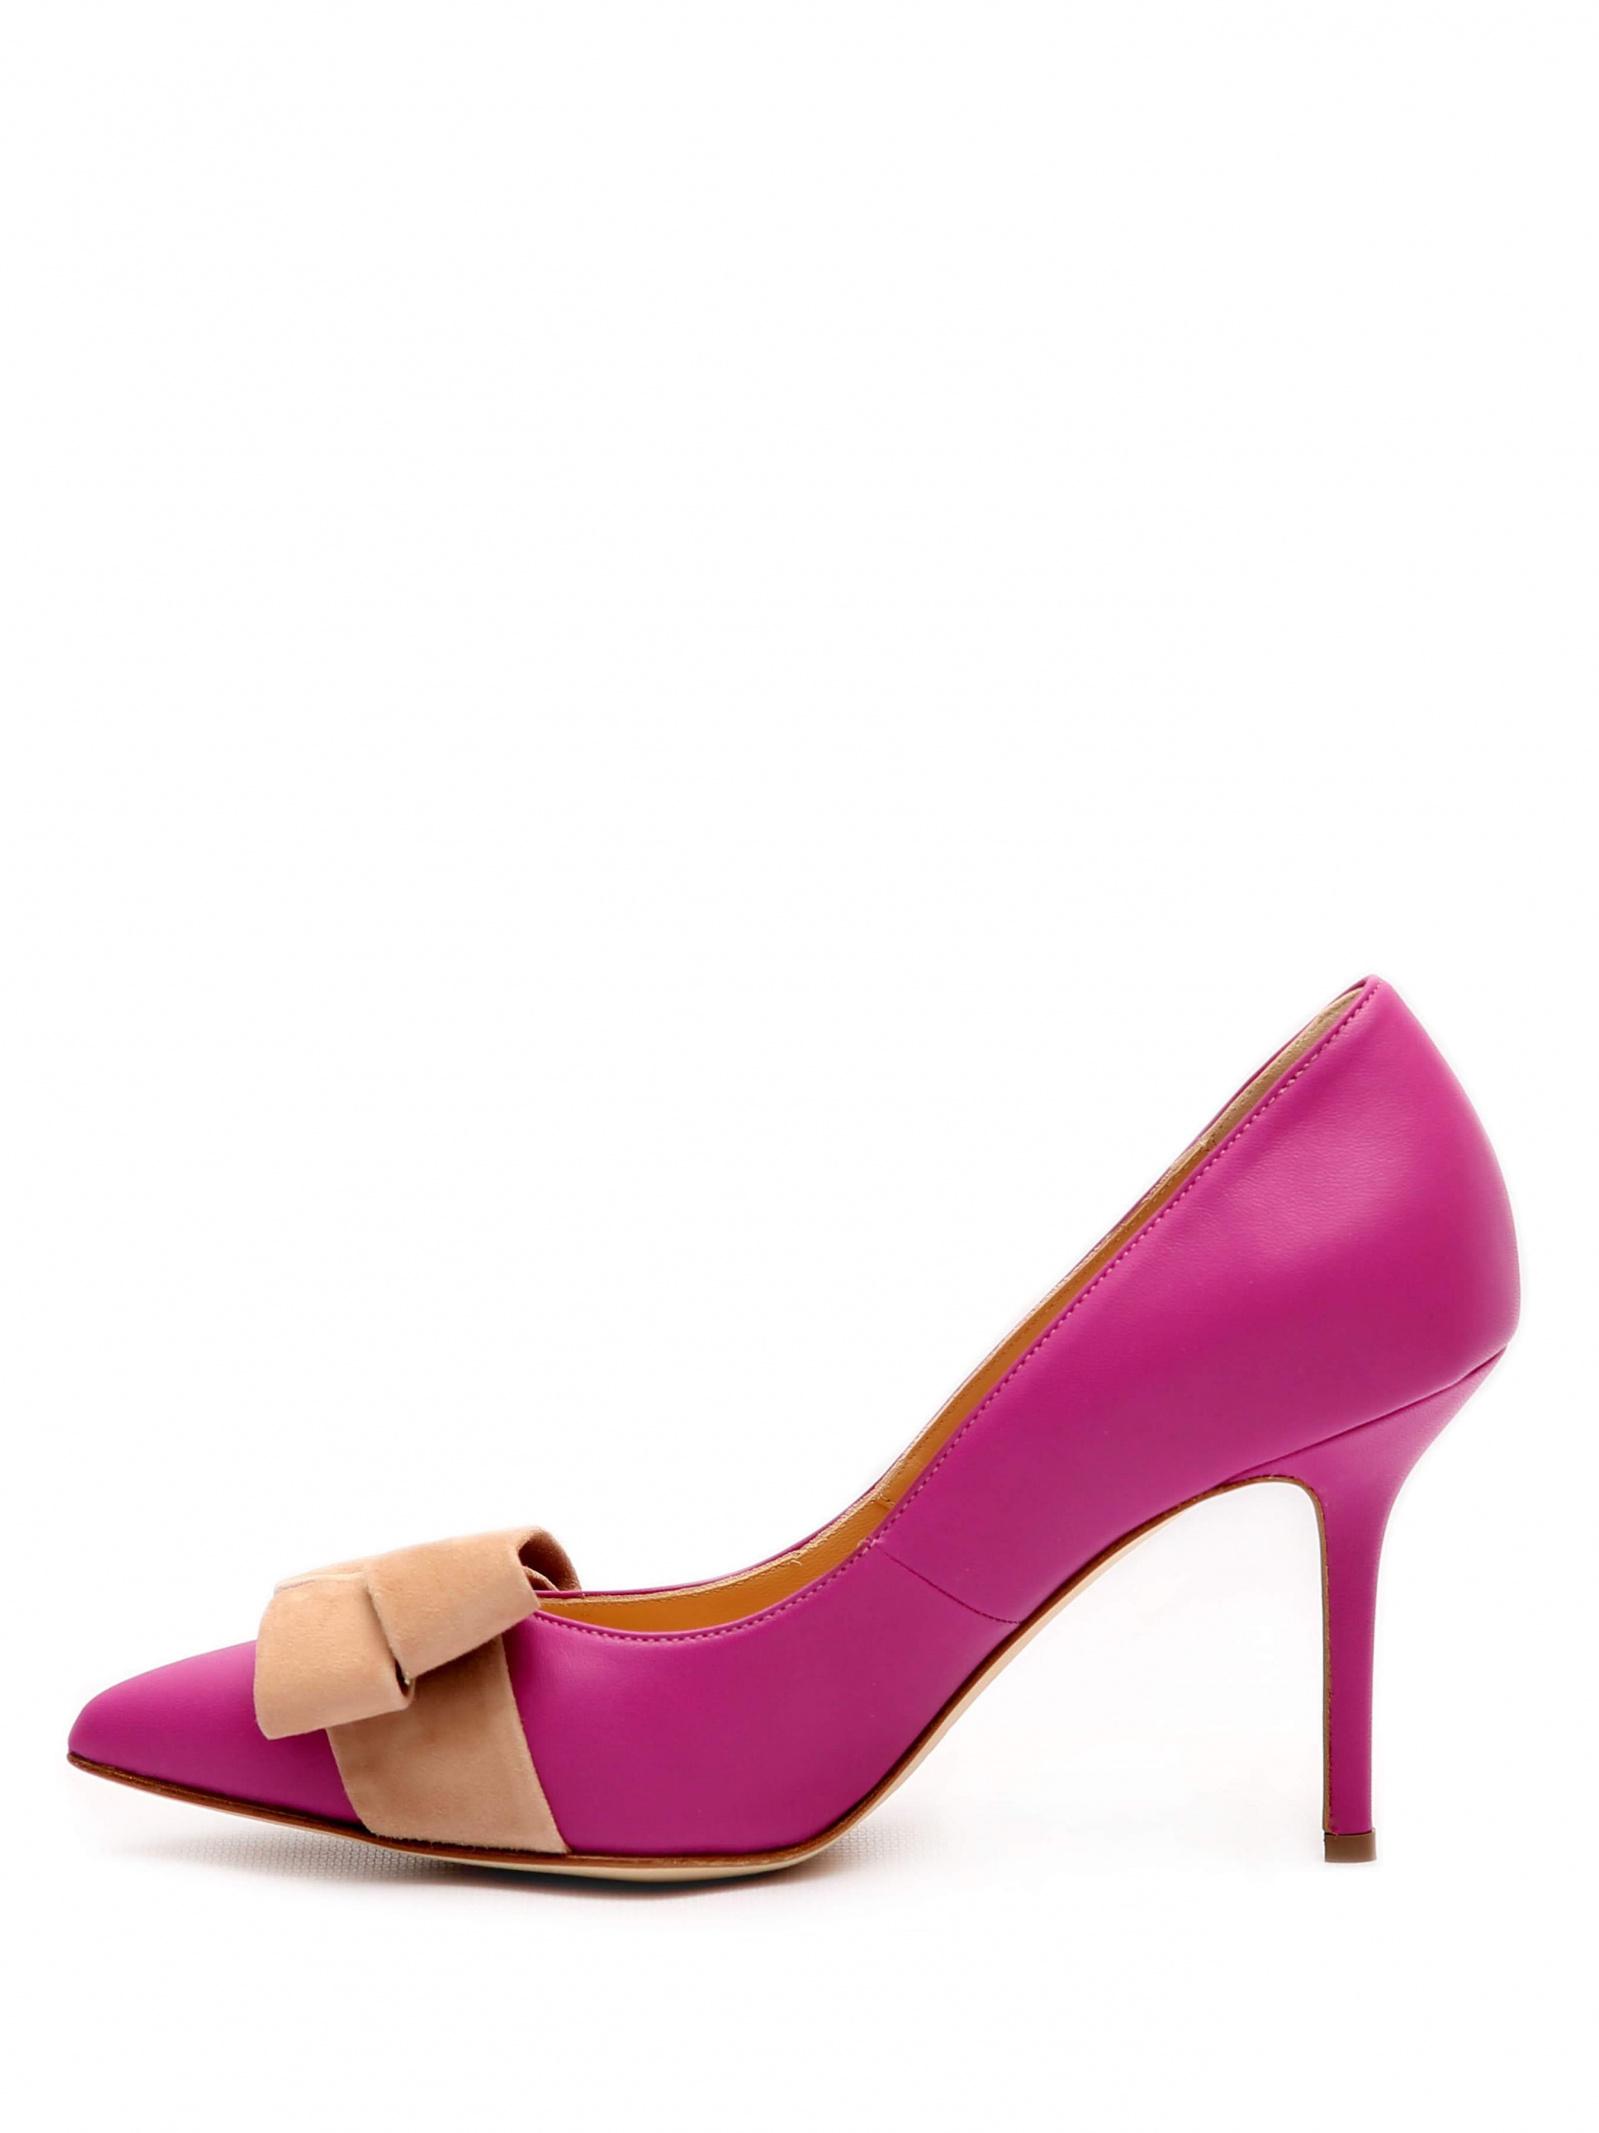 Туфлі  жіночі SITELLE MIA80PUR ціна, 2017